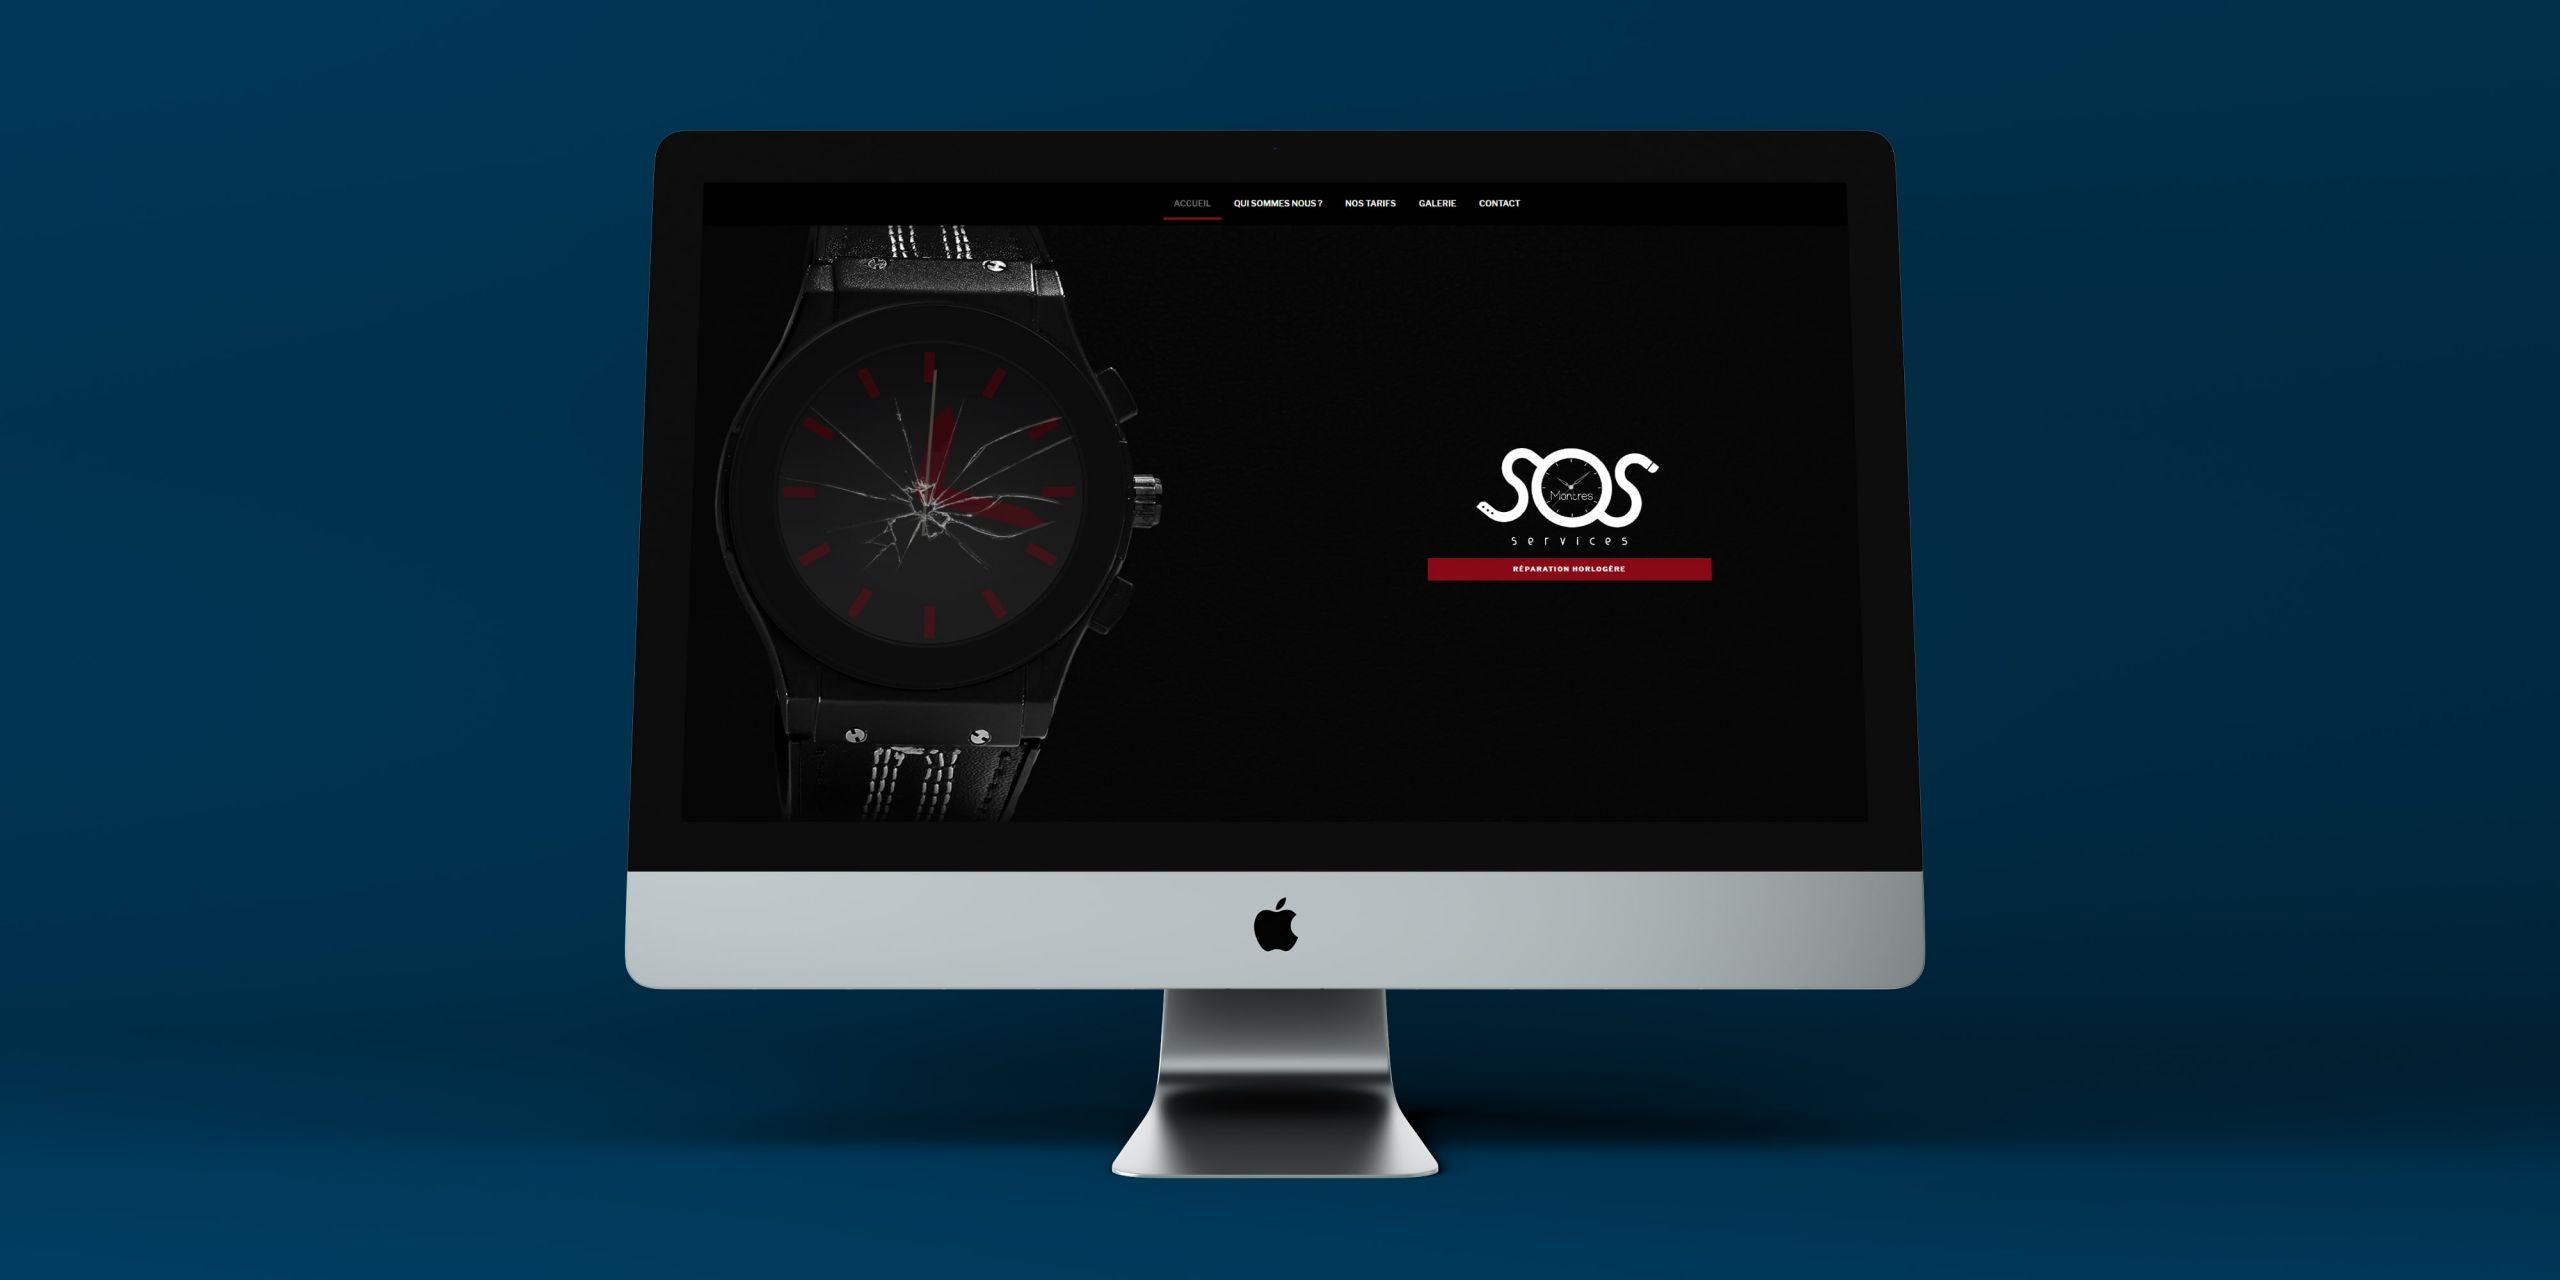 Création du site sos montres services, réparateur horloger, par inu Média dans le Doubs